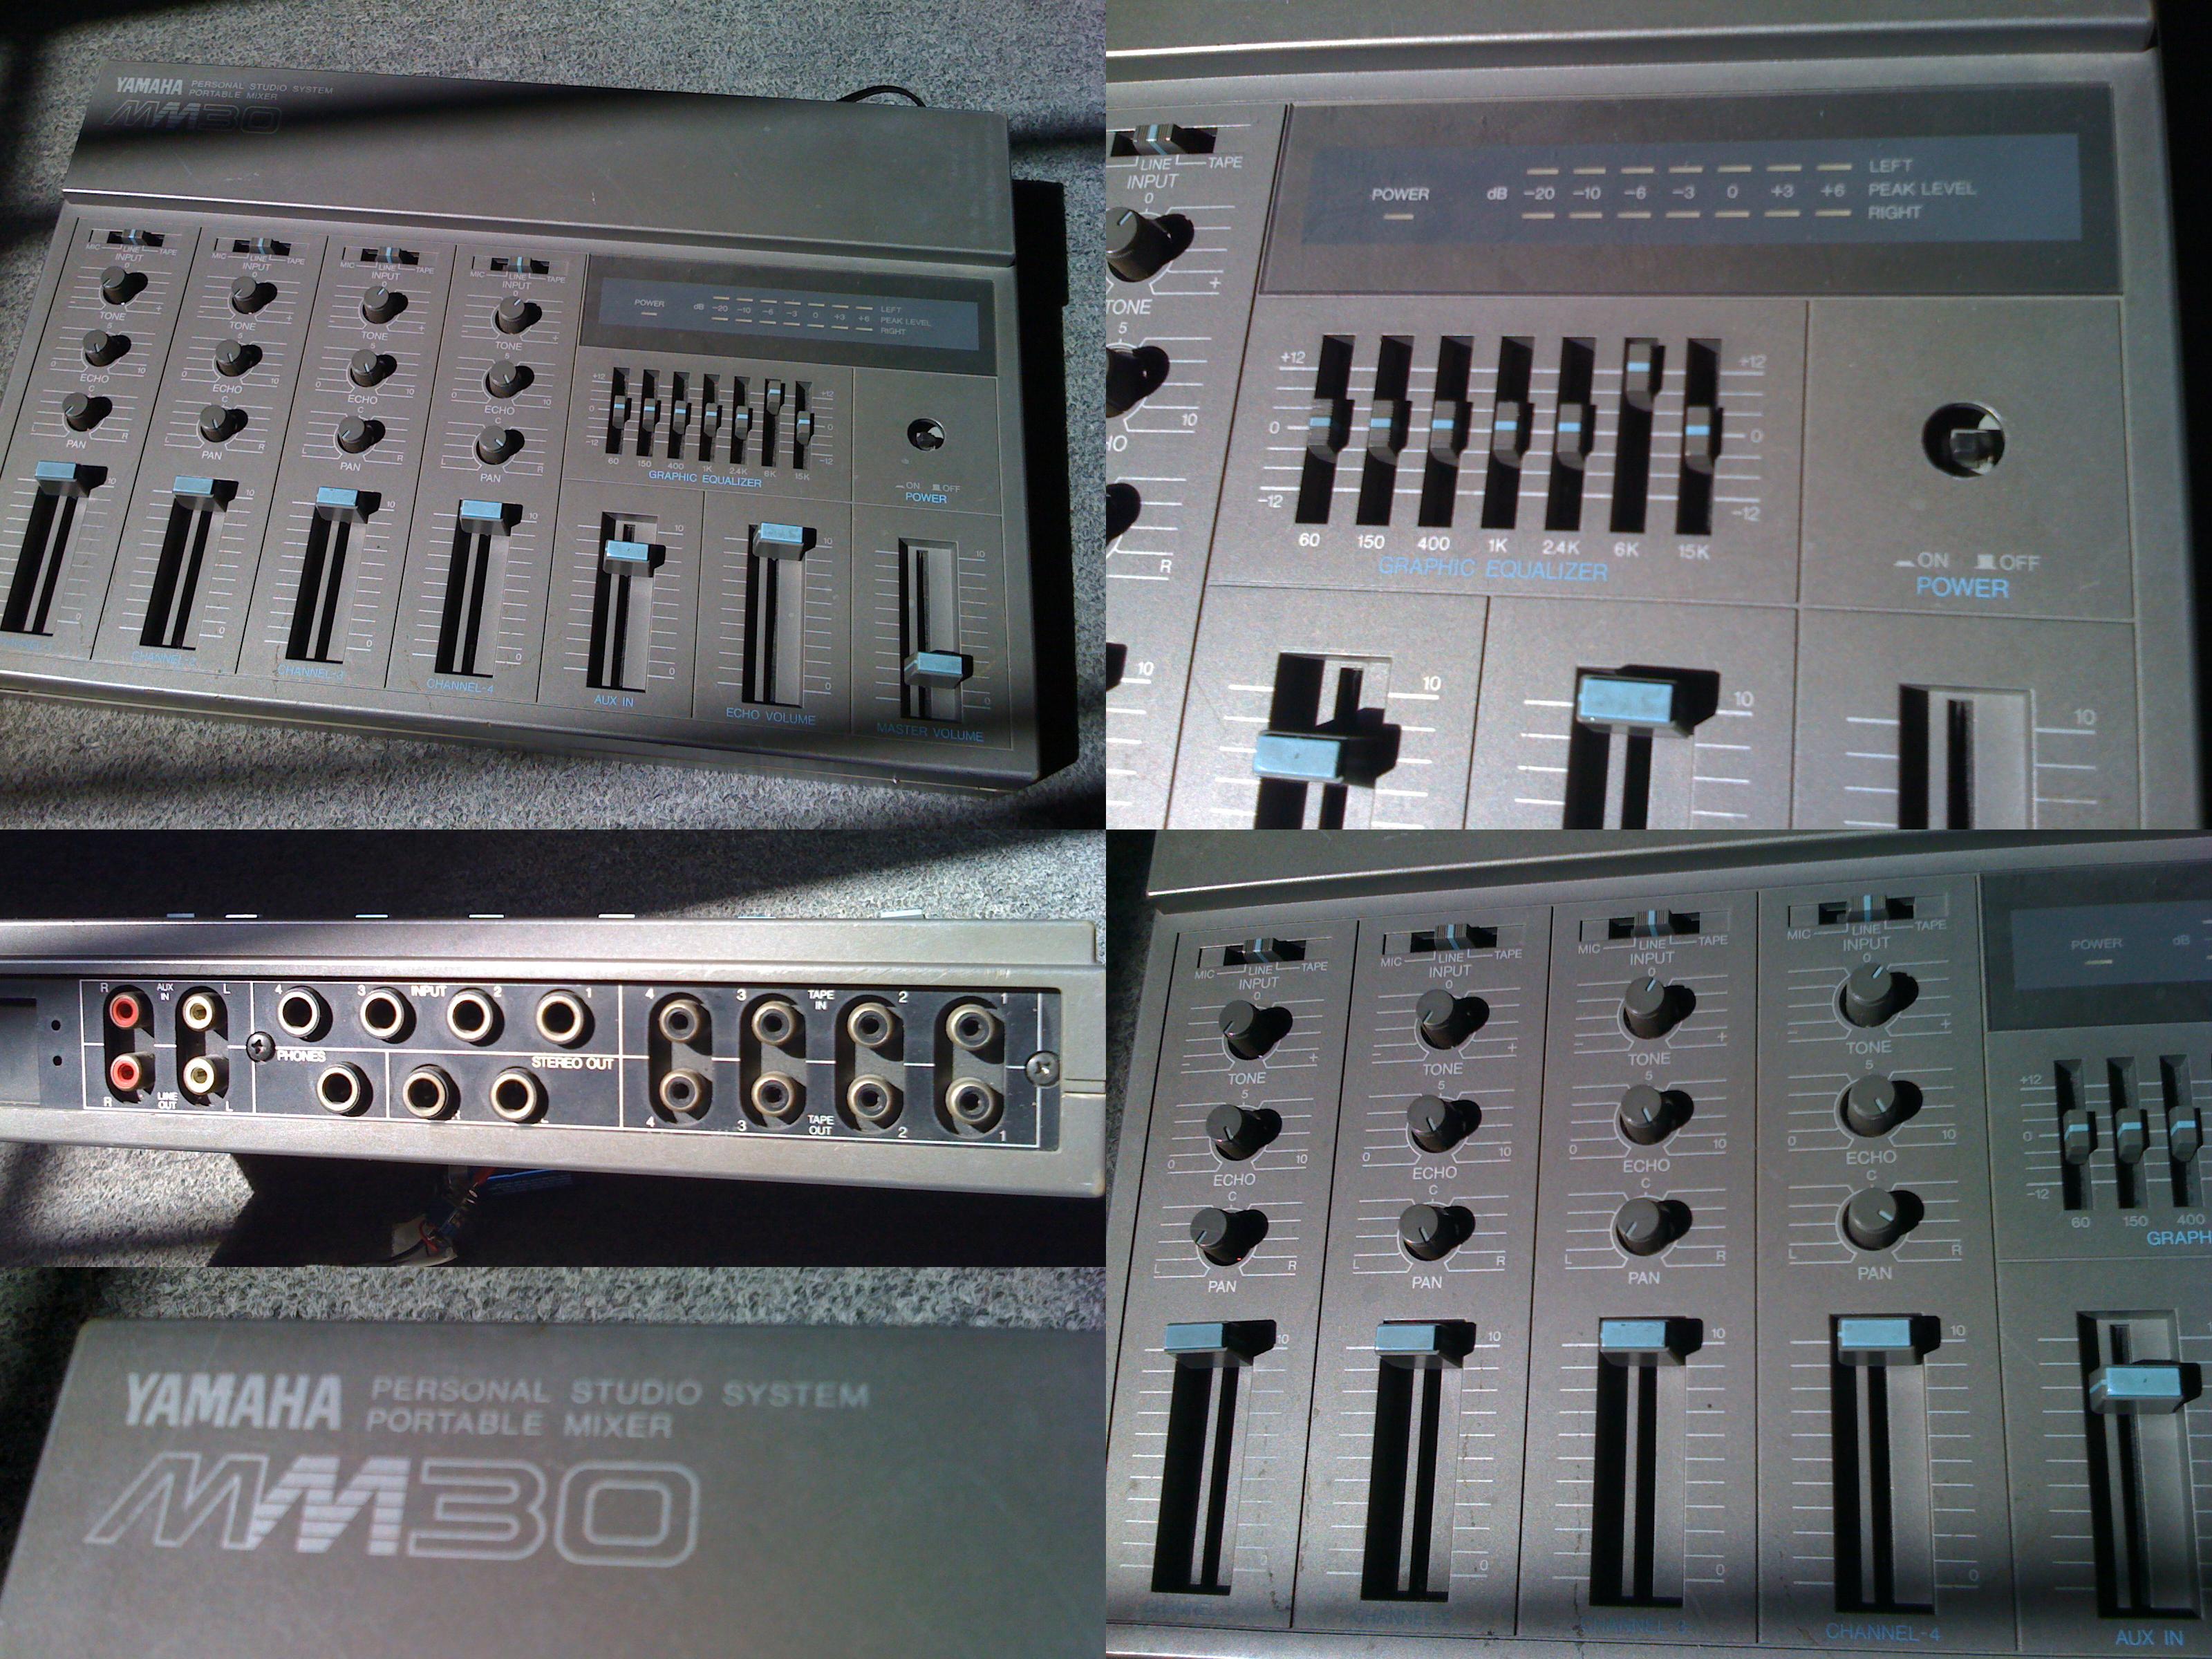 Table de mixage yamaha mm 30 avec cho int gr ile de france audiofanzine for Table yamaha